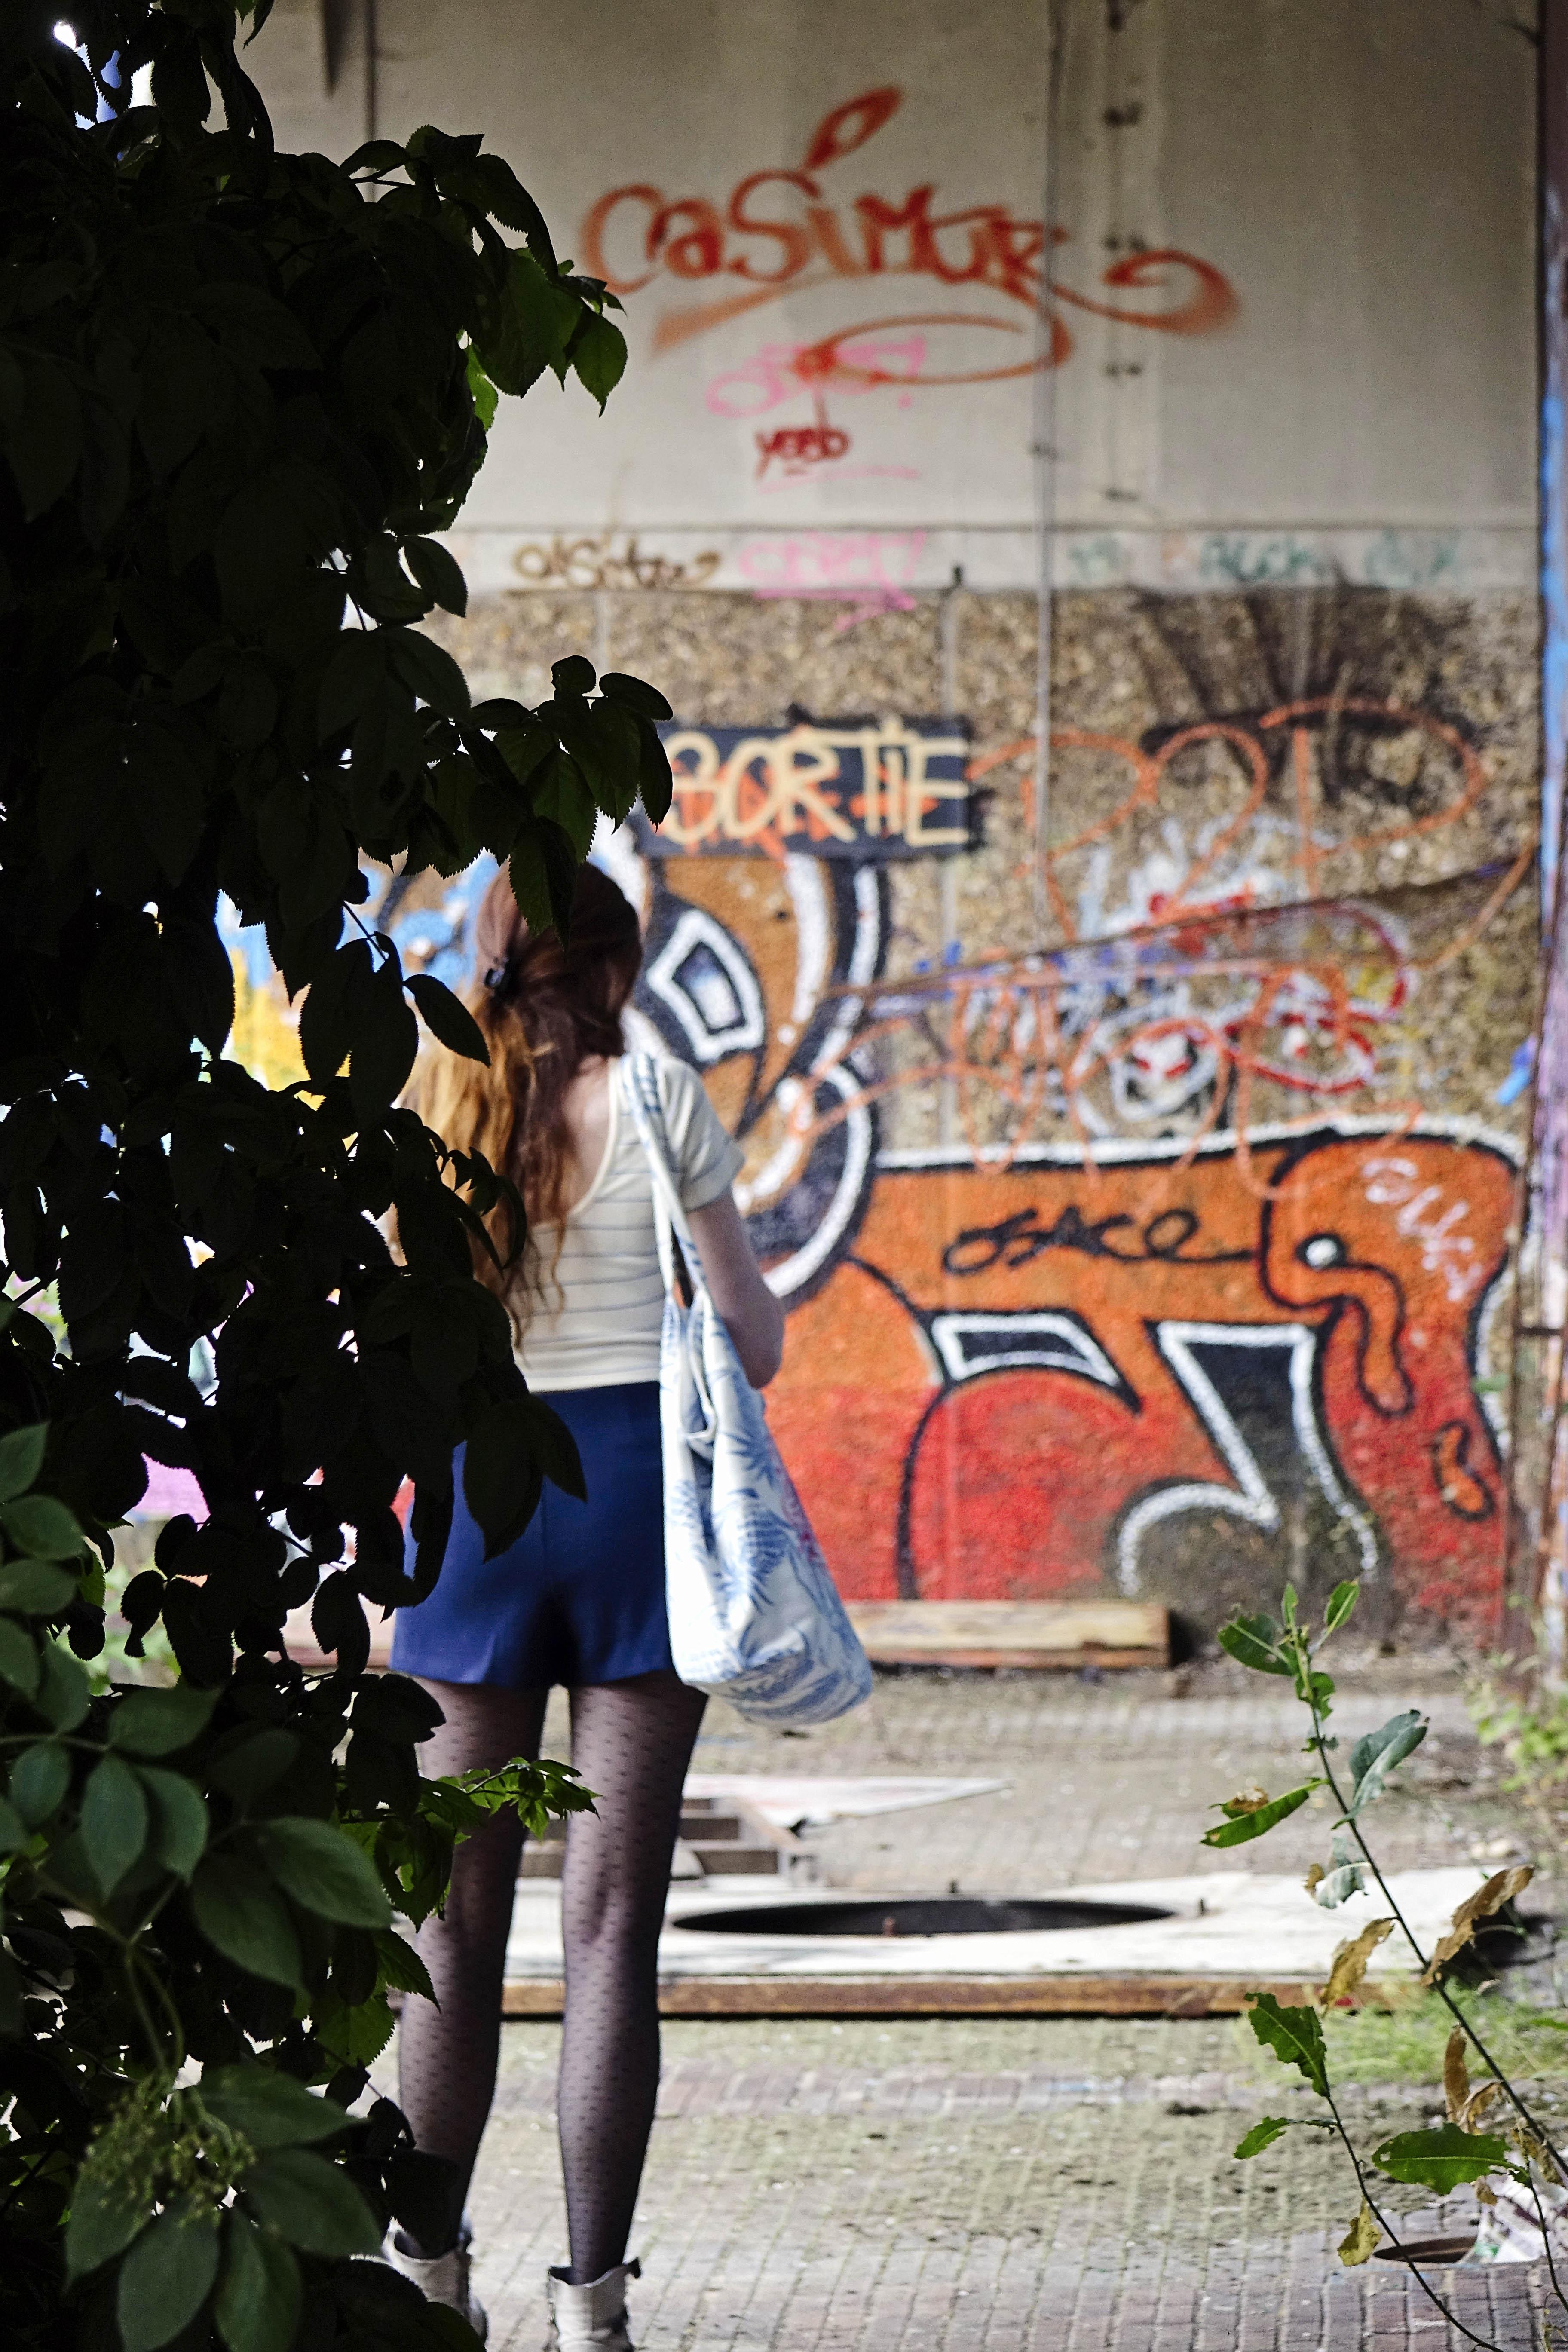 JANIS-EN-SUCRE-Street-Look-1-32